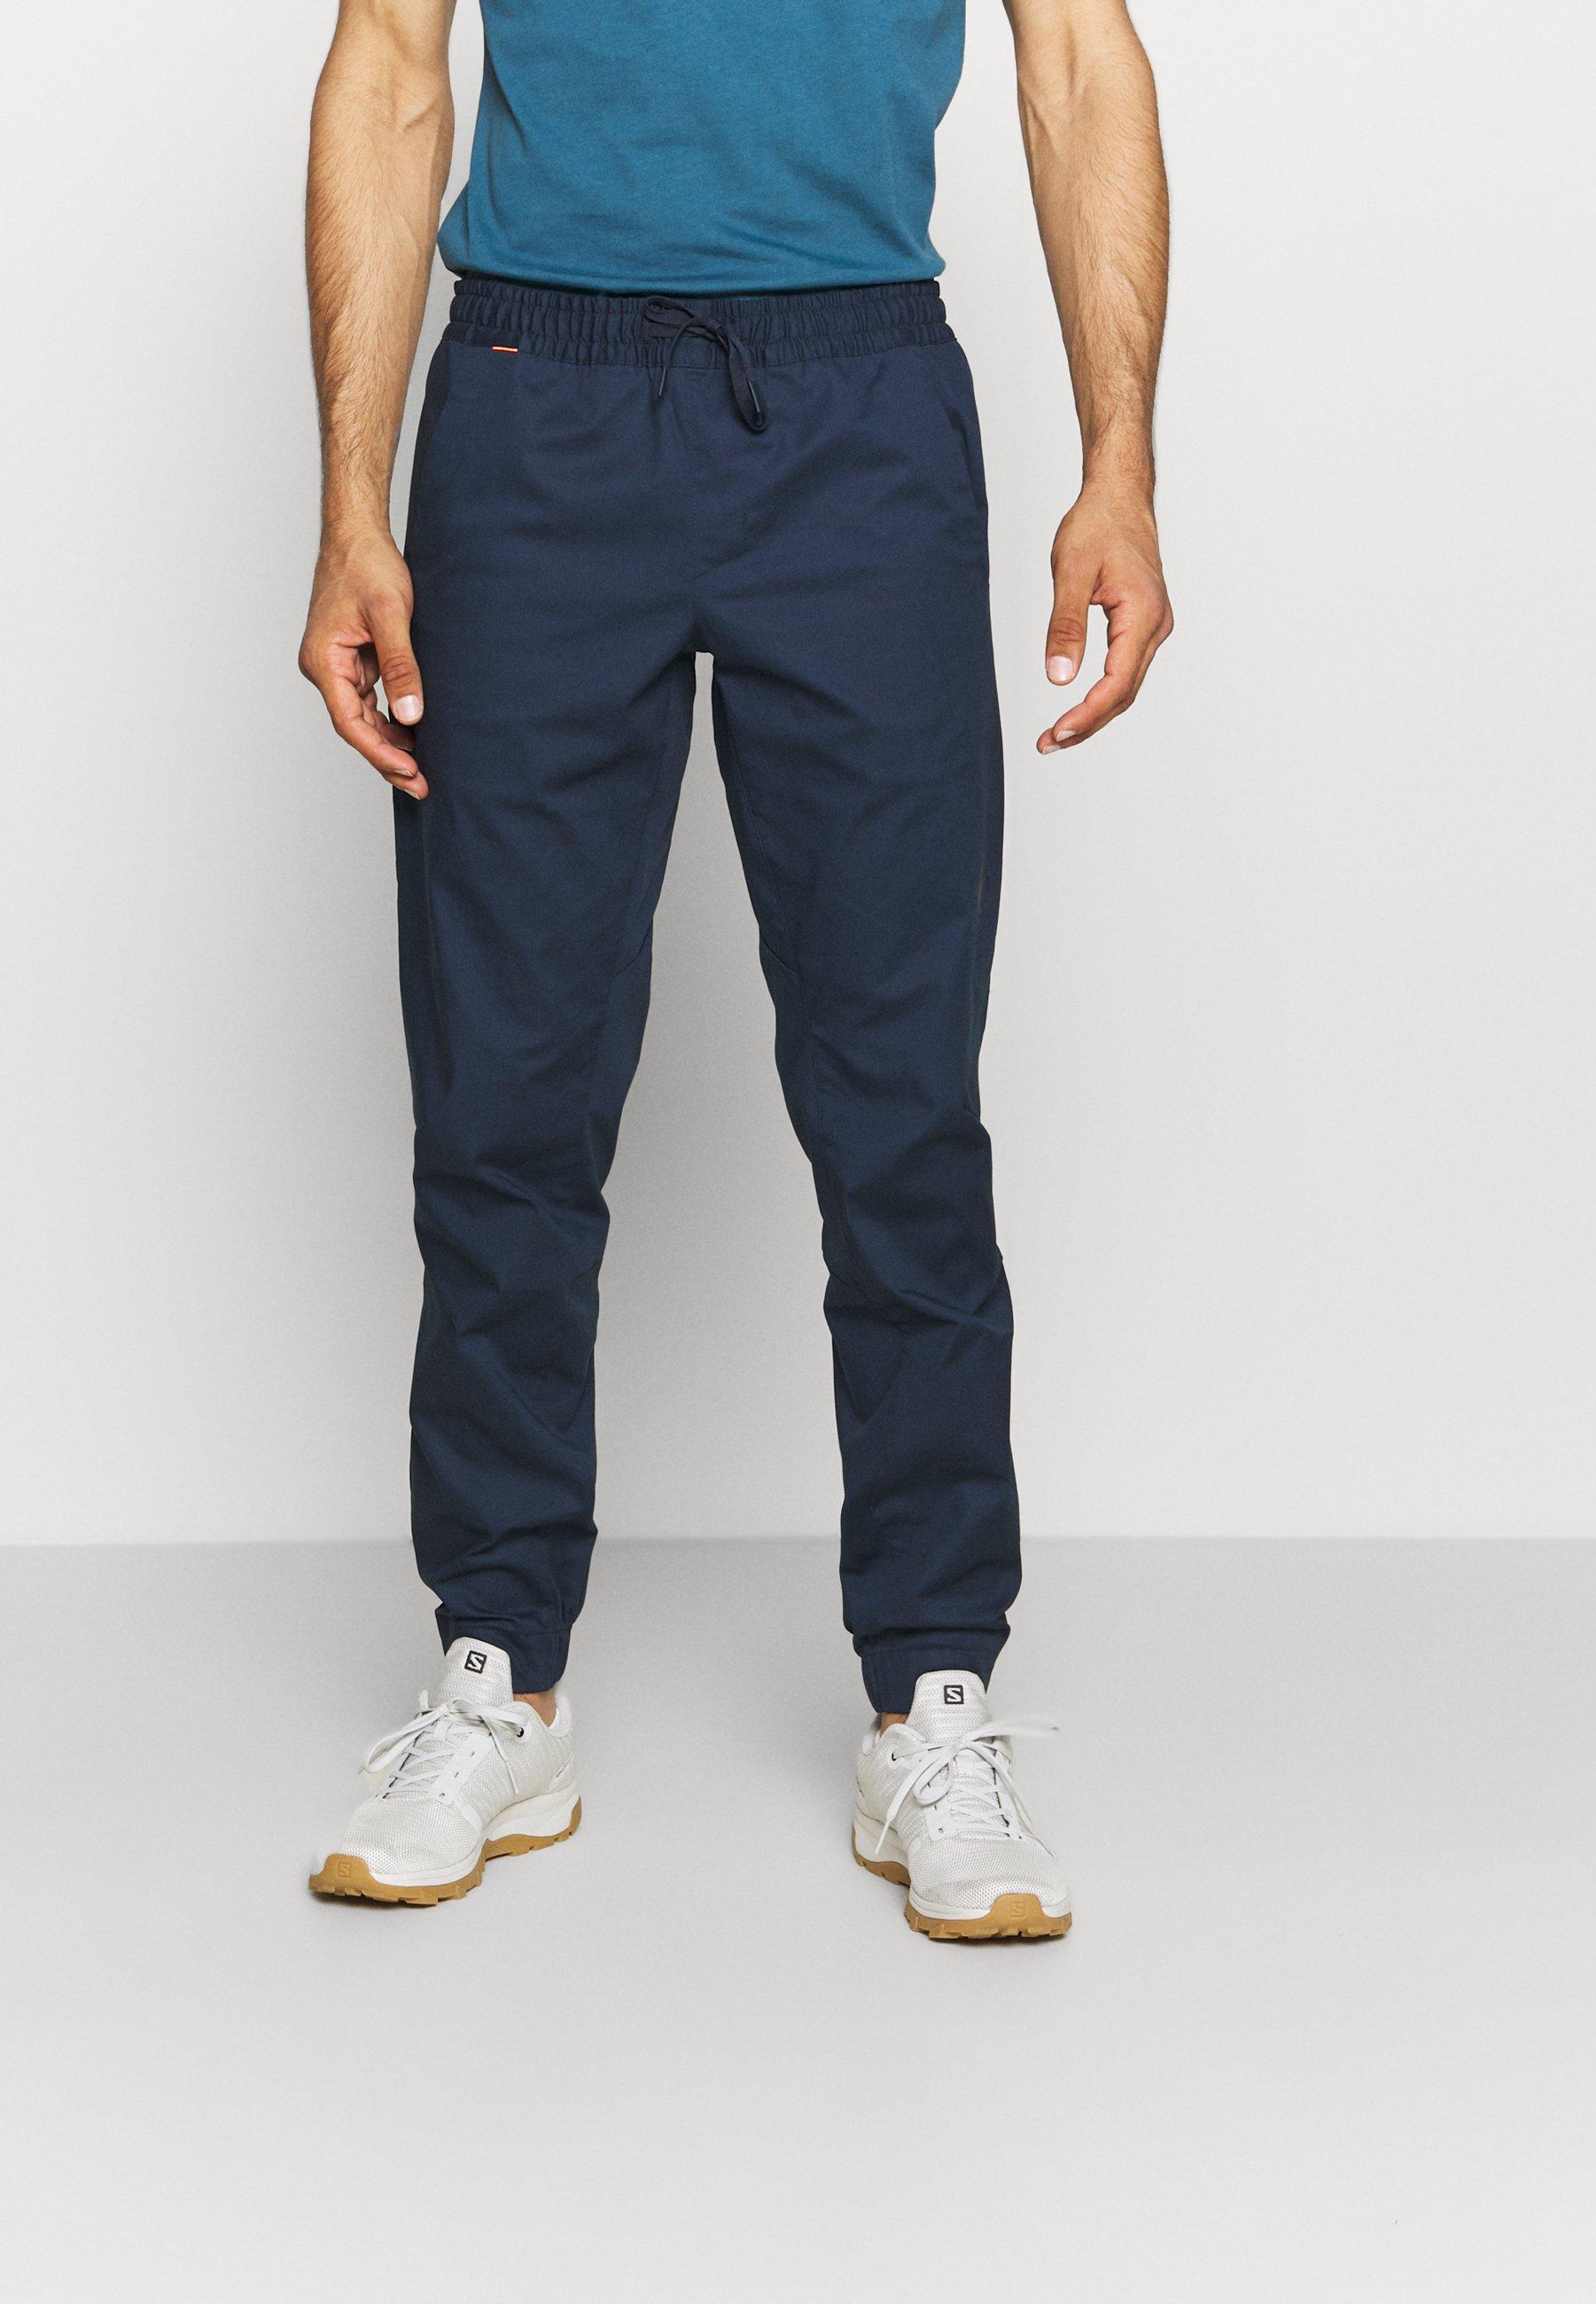 Homme CAMIE PANTS MEN - Pantalon classique